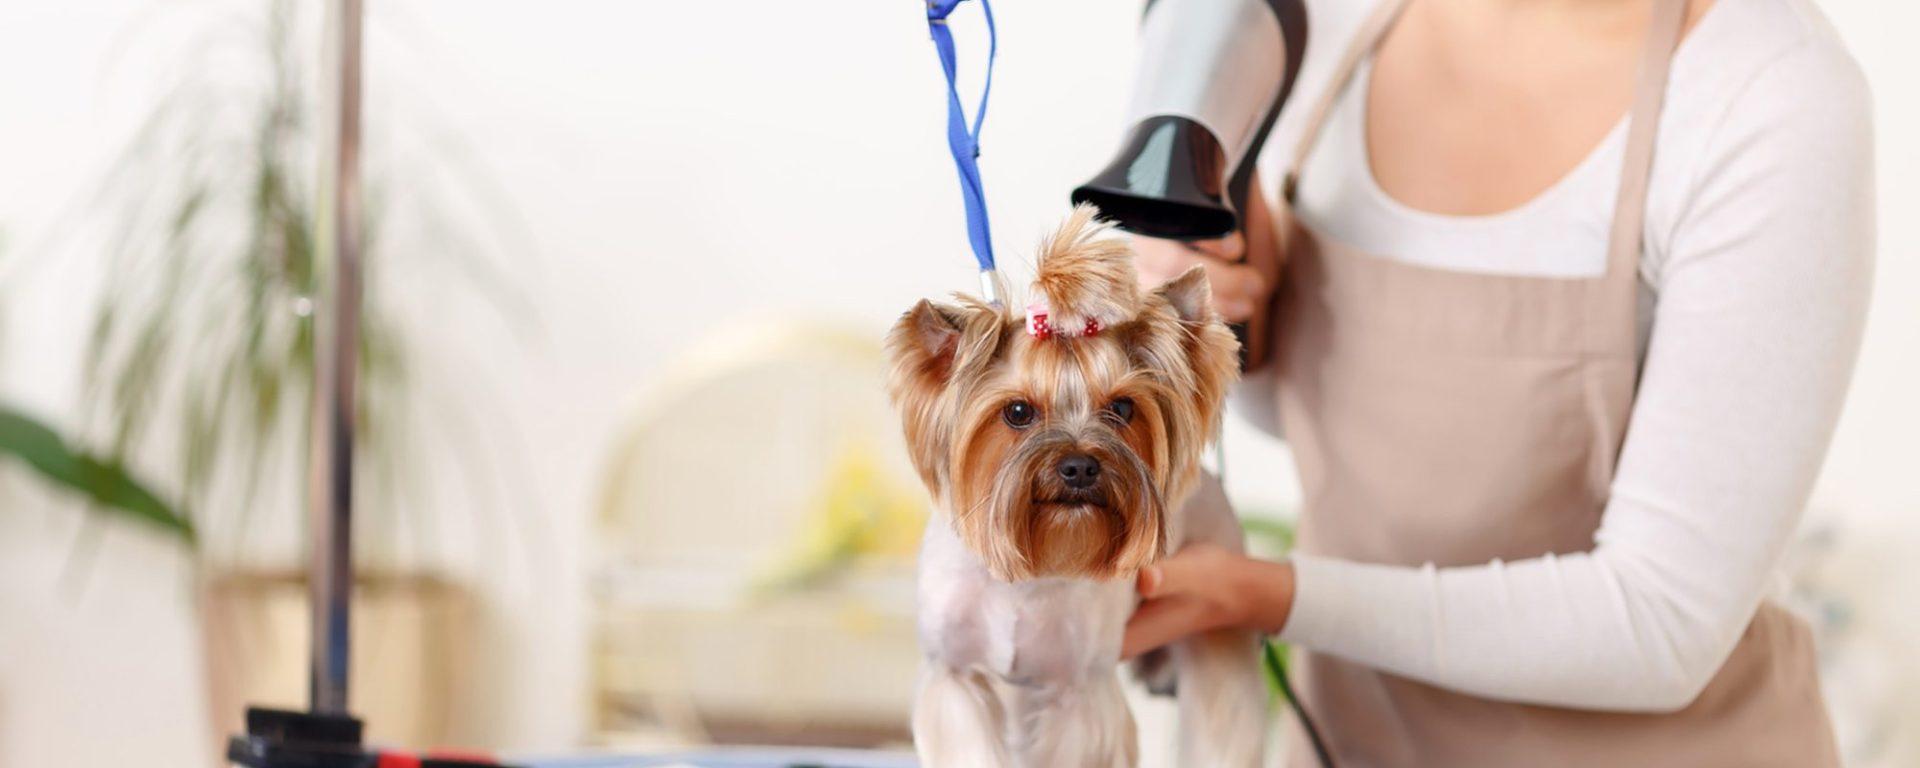 Стрижка только подчеркивает натуральную красоту собаки